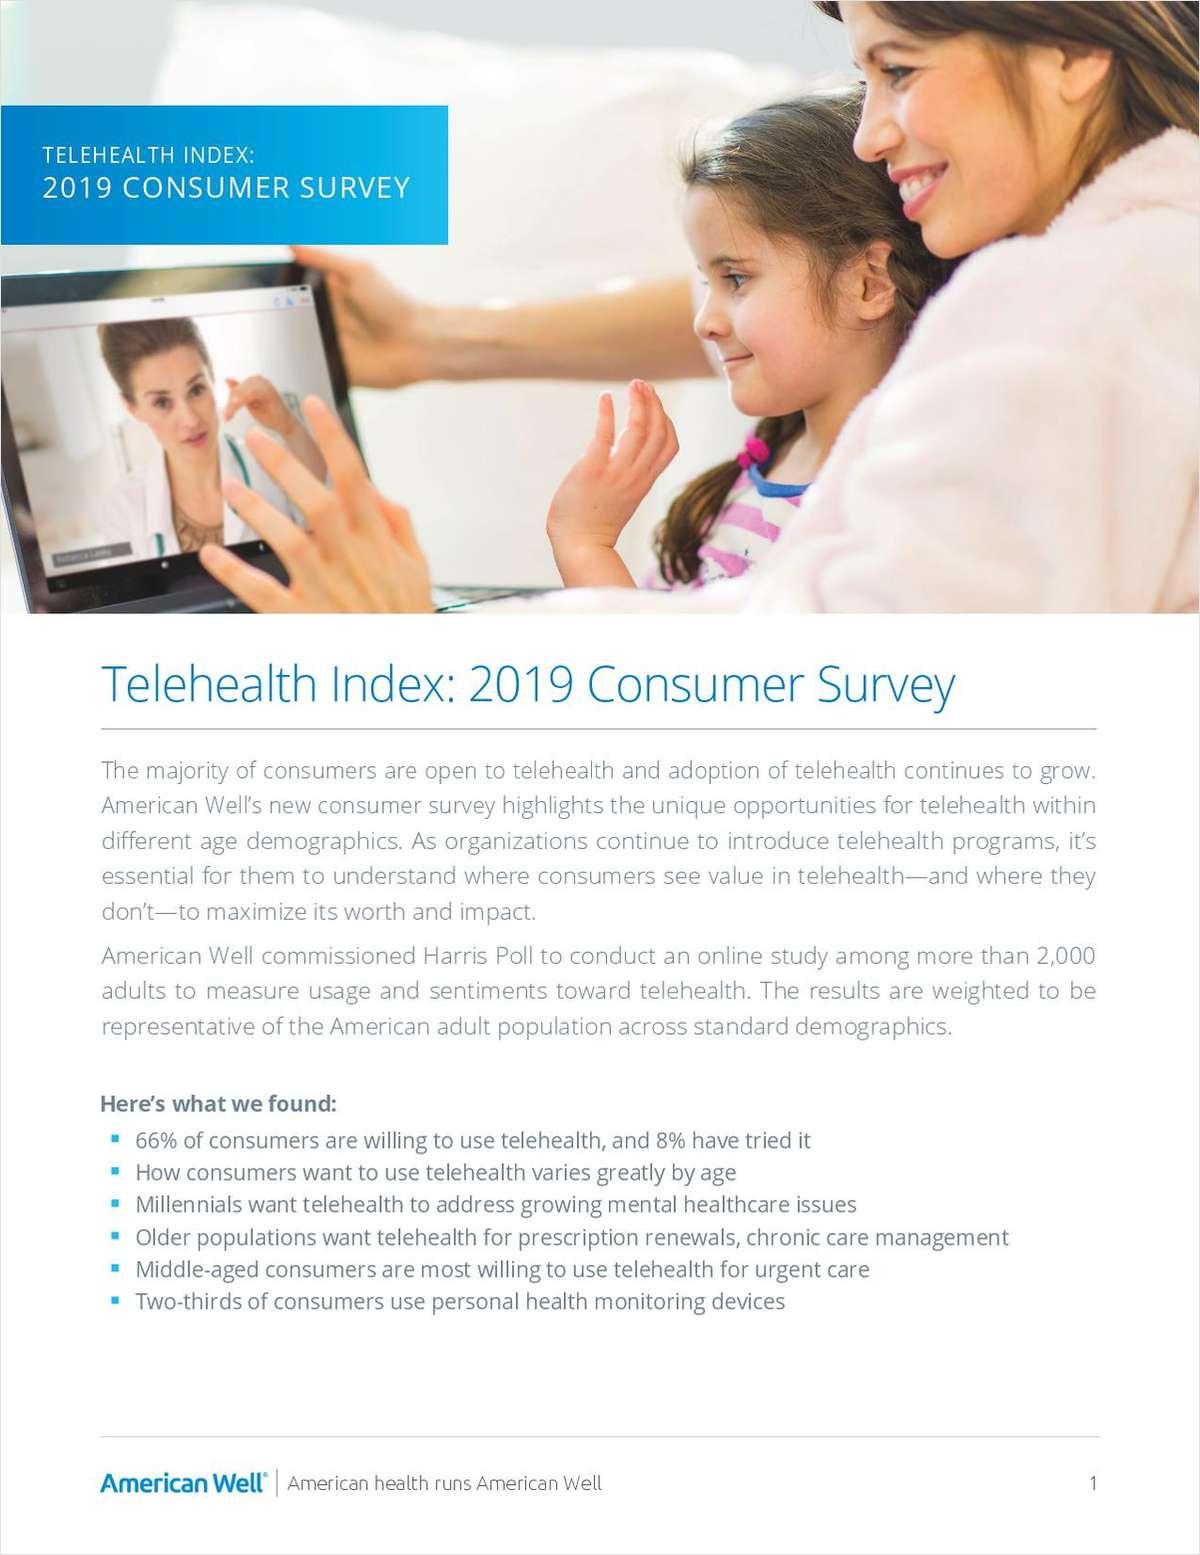 Telehealth Index: 2019 Consumer Survey